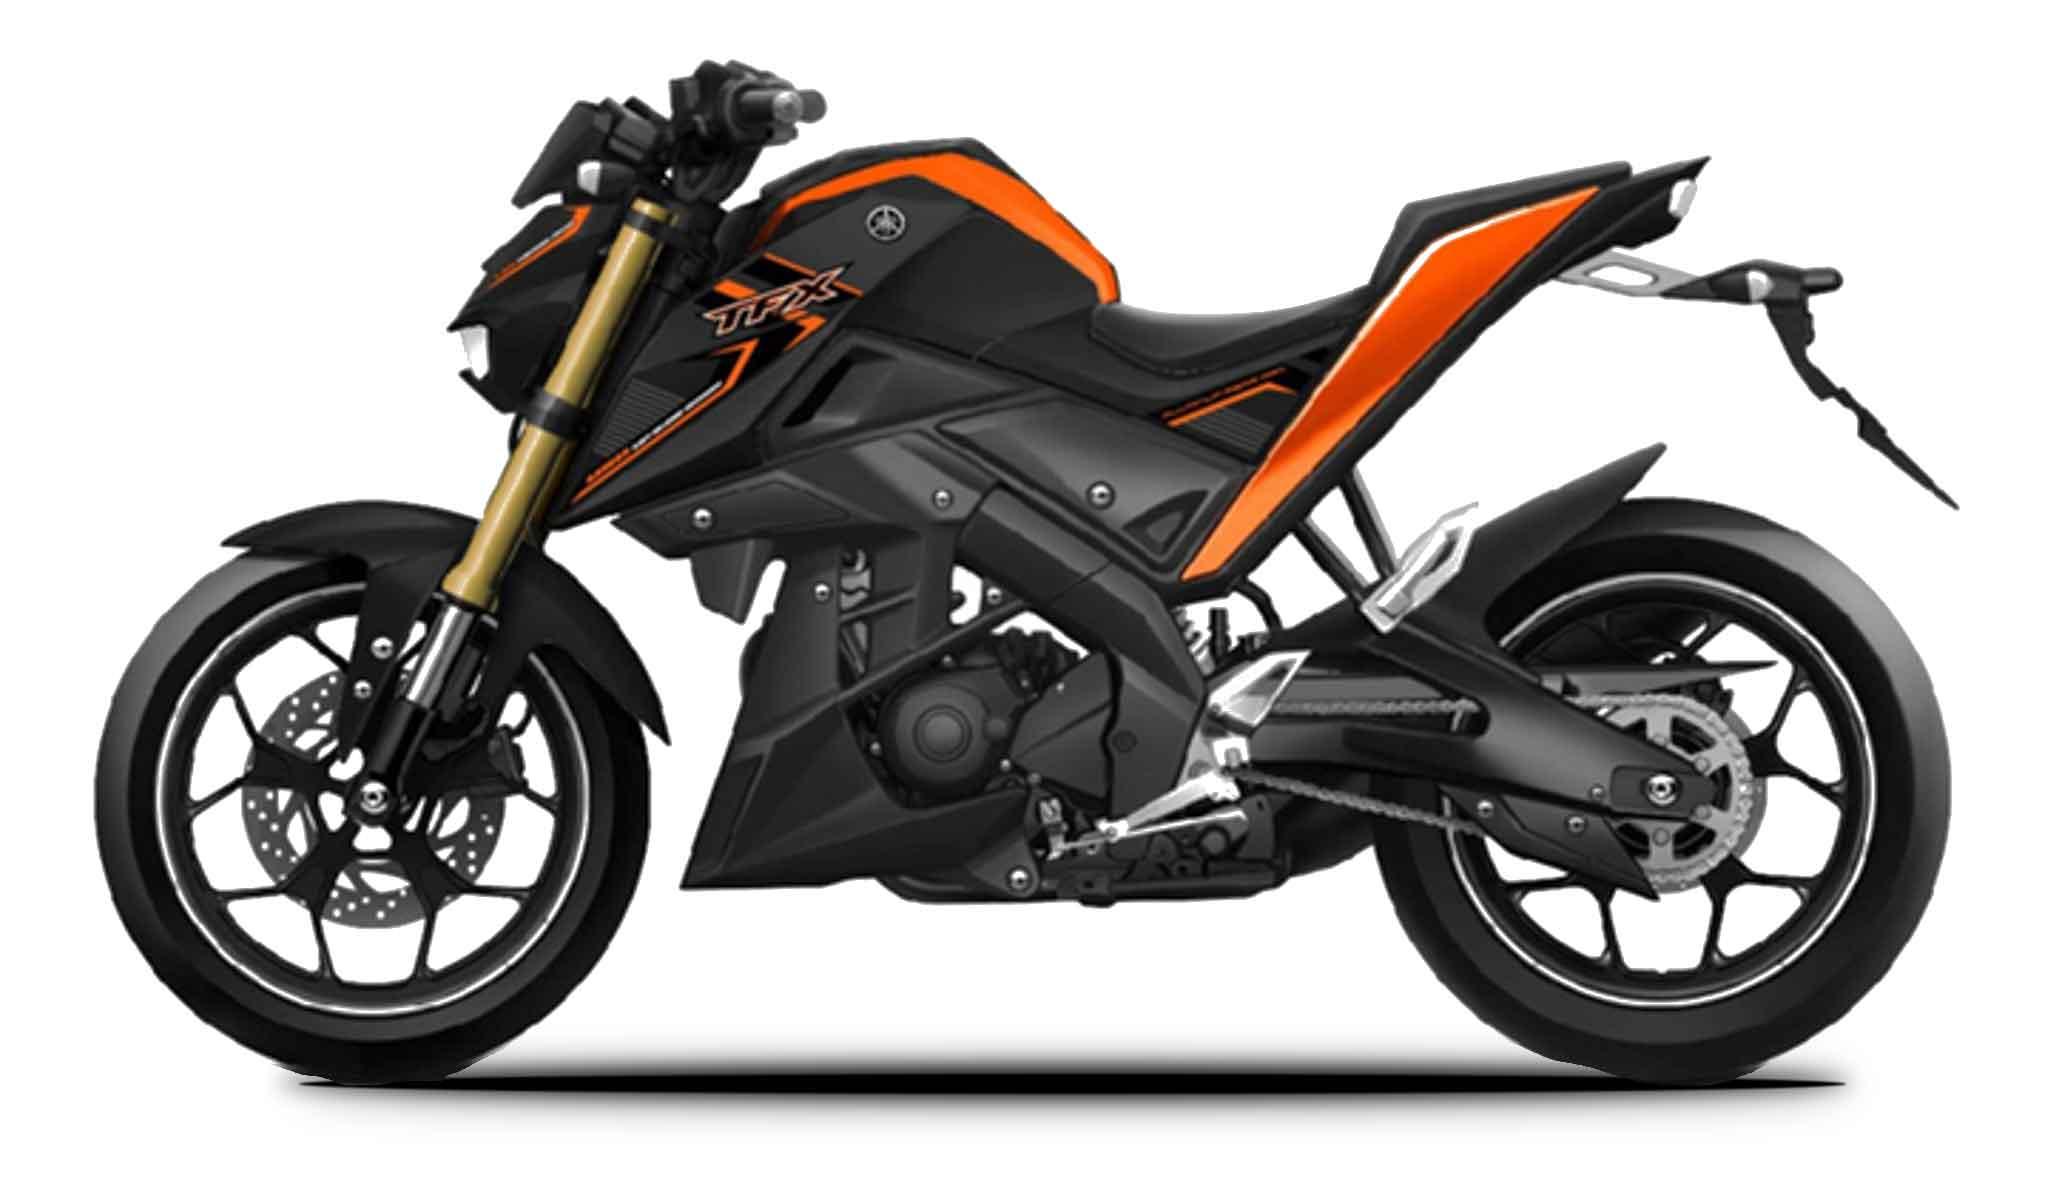 Yamaha TFX